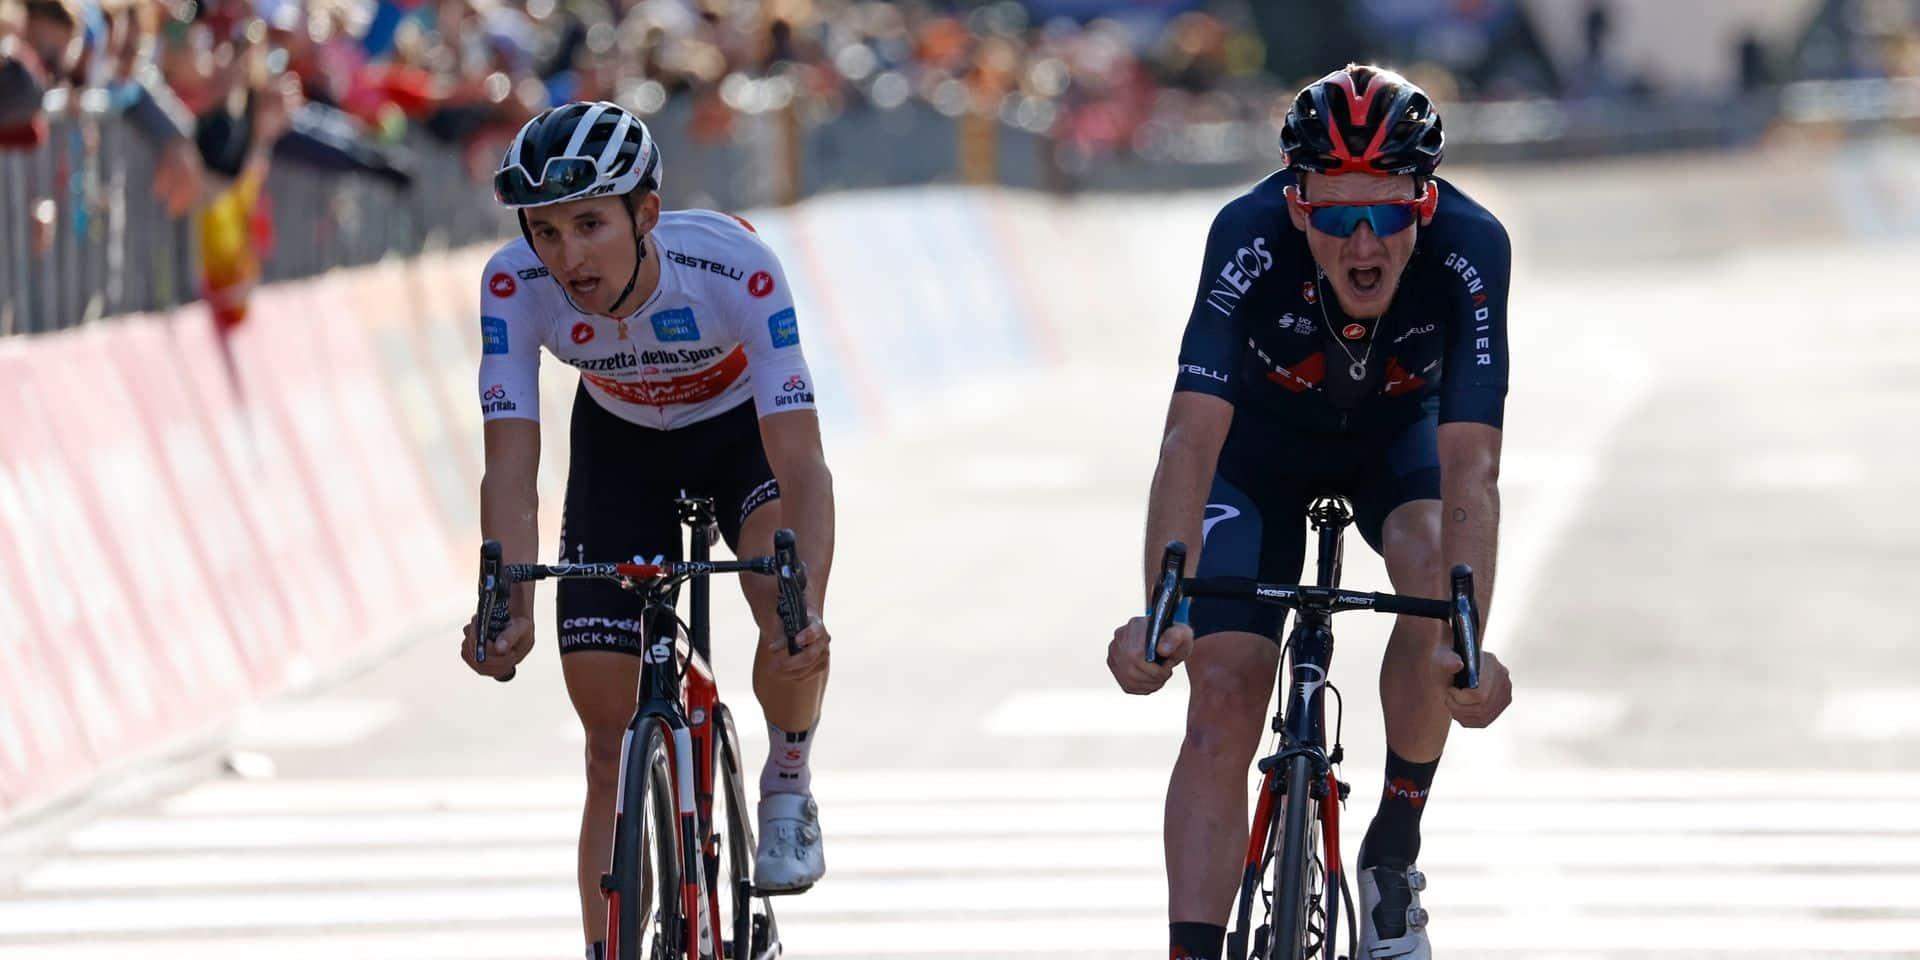 Le suspense est total au Giro: le maillot rose va se jouer pour quelques secondes